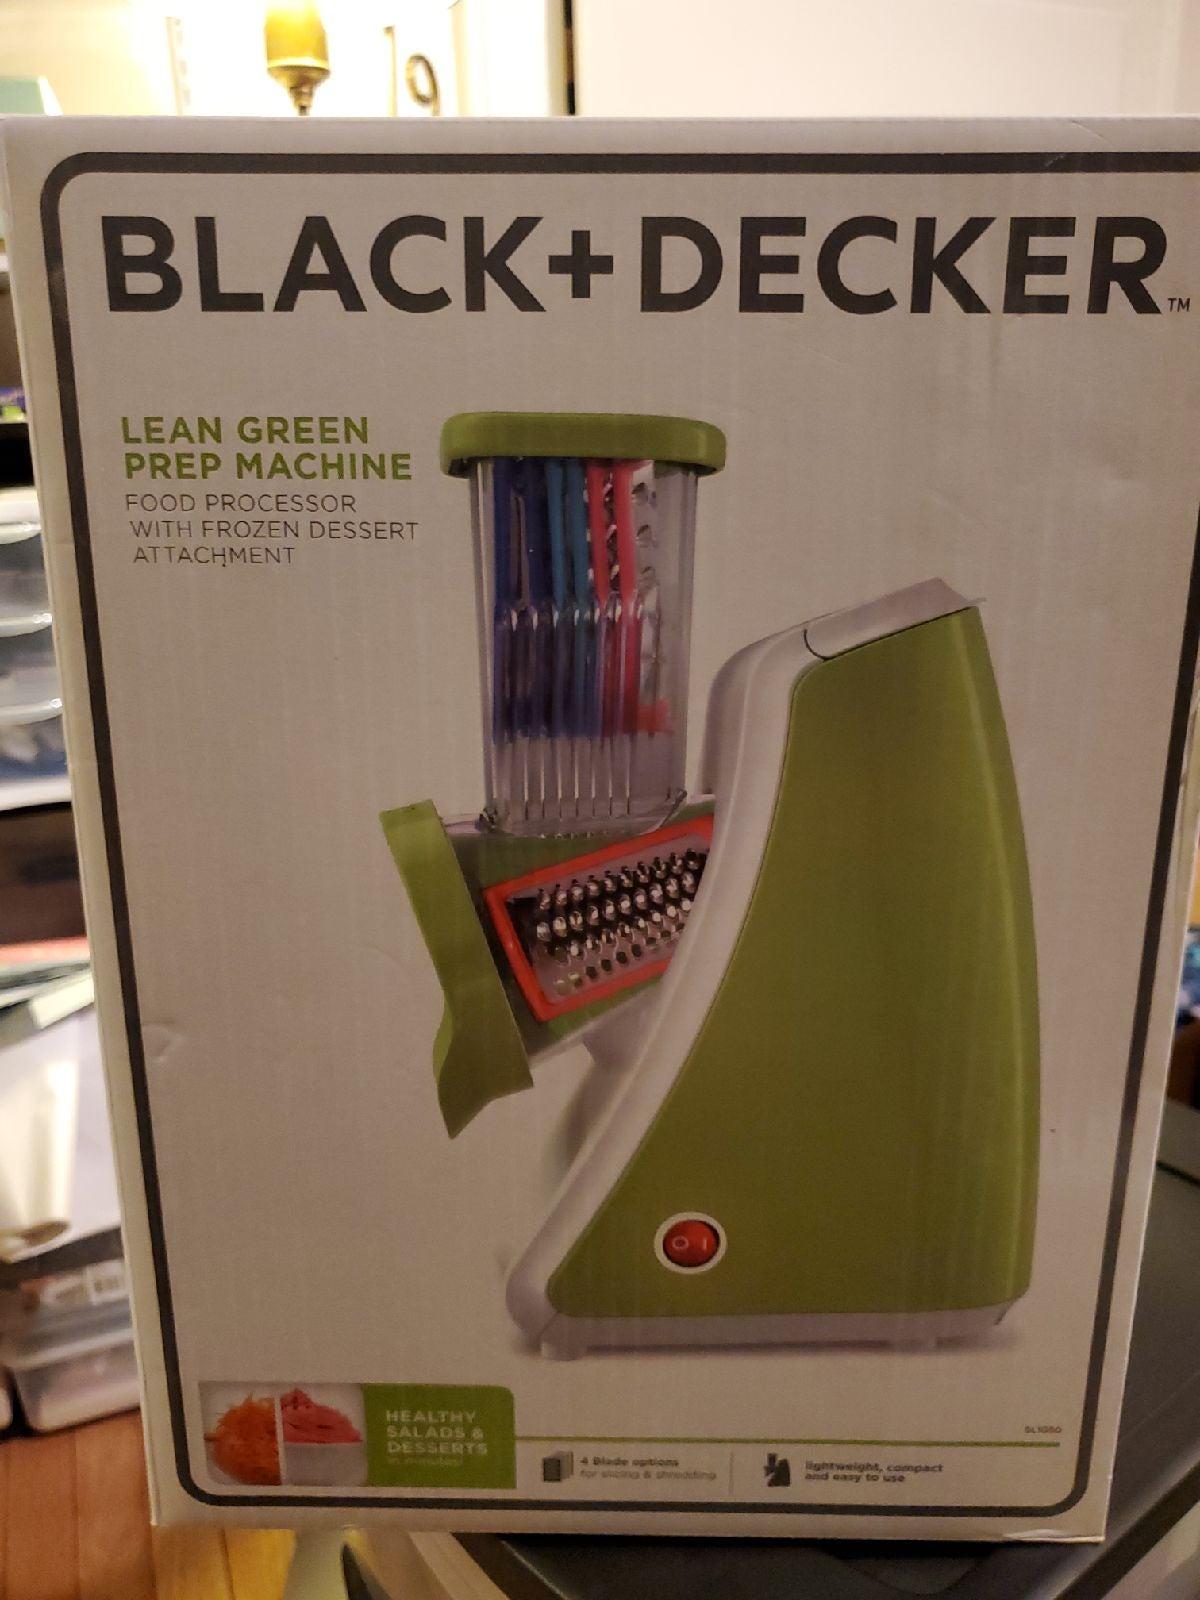 Black and Decker Lean Green Prep Machine